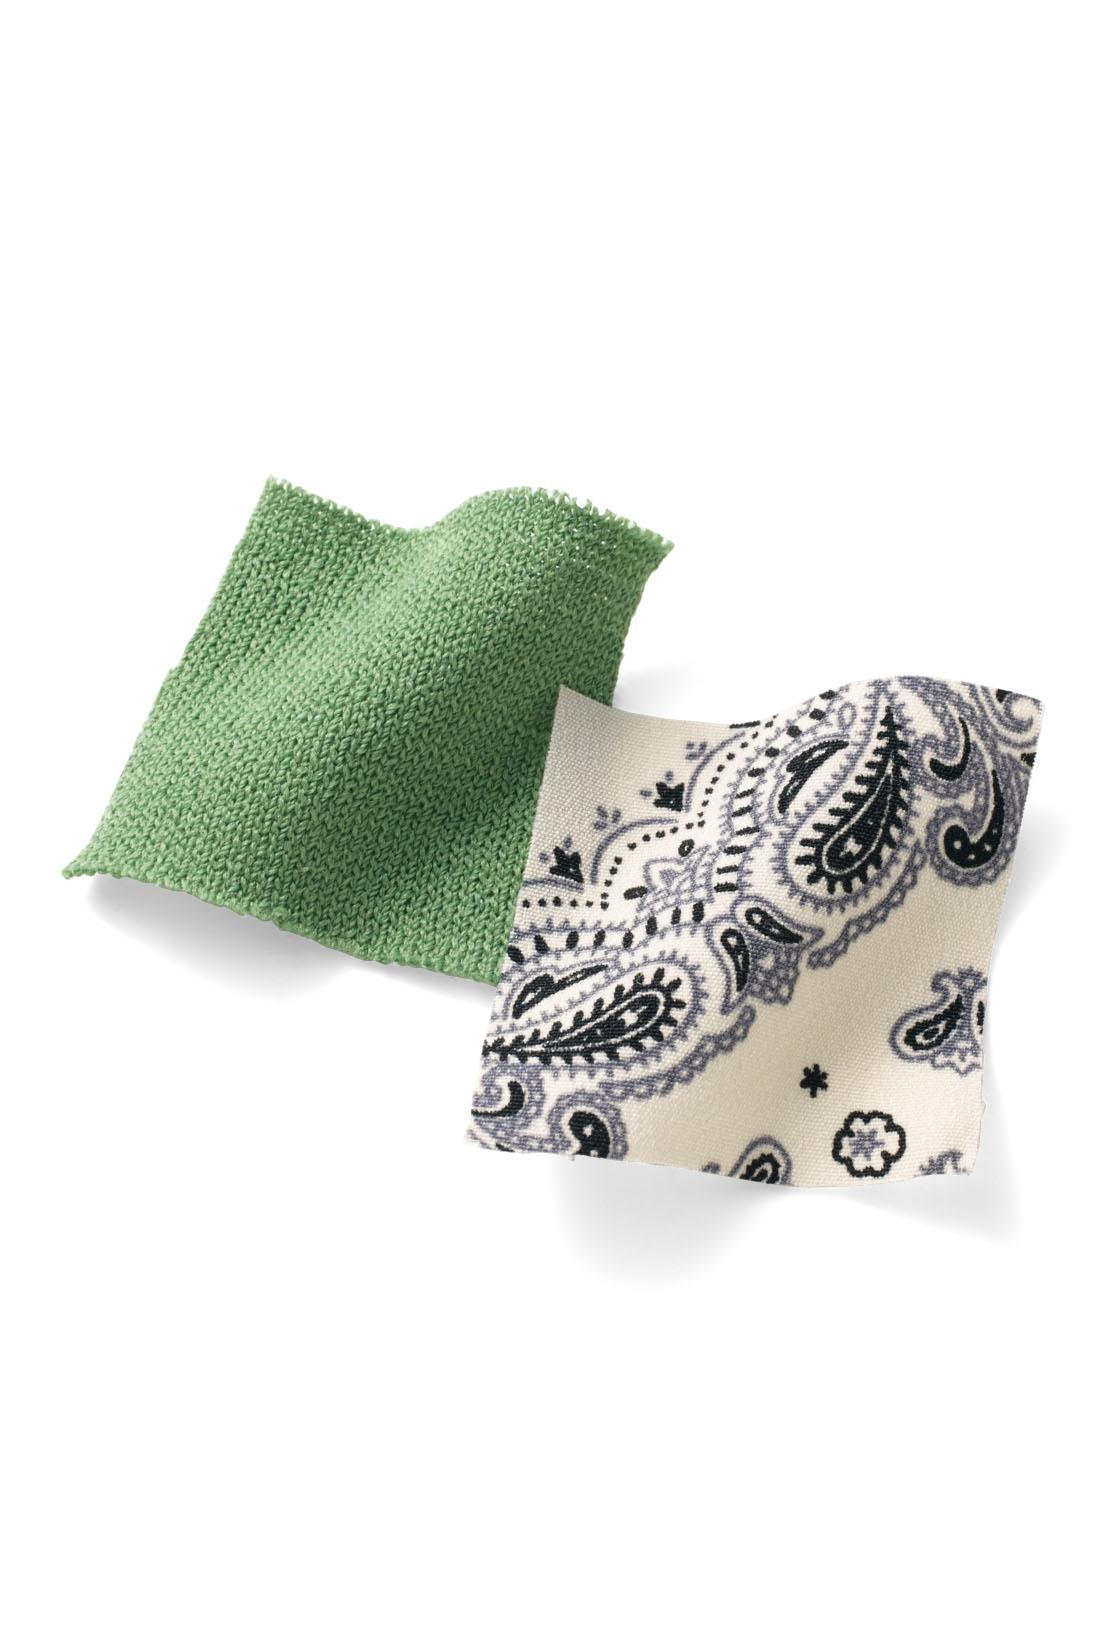 シャリッとした質感の薄手のニット素材と、透けにくいバンダナ柄の布はく素材の組み合わせ。